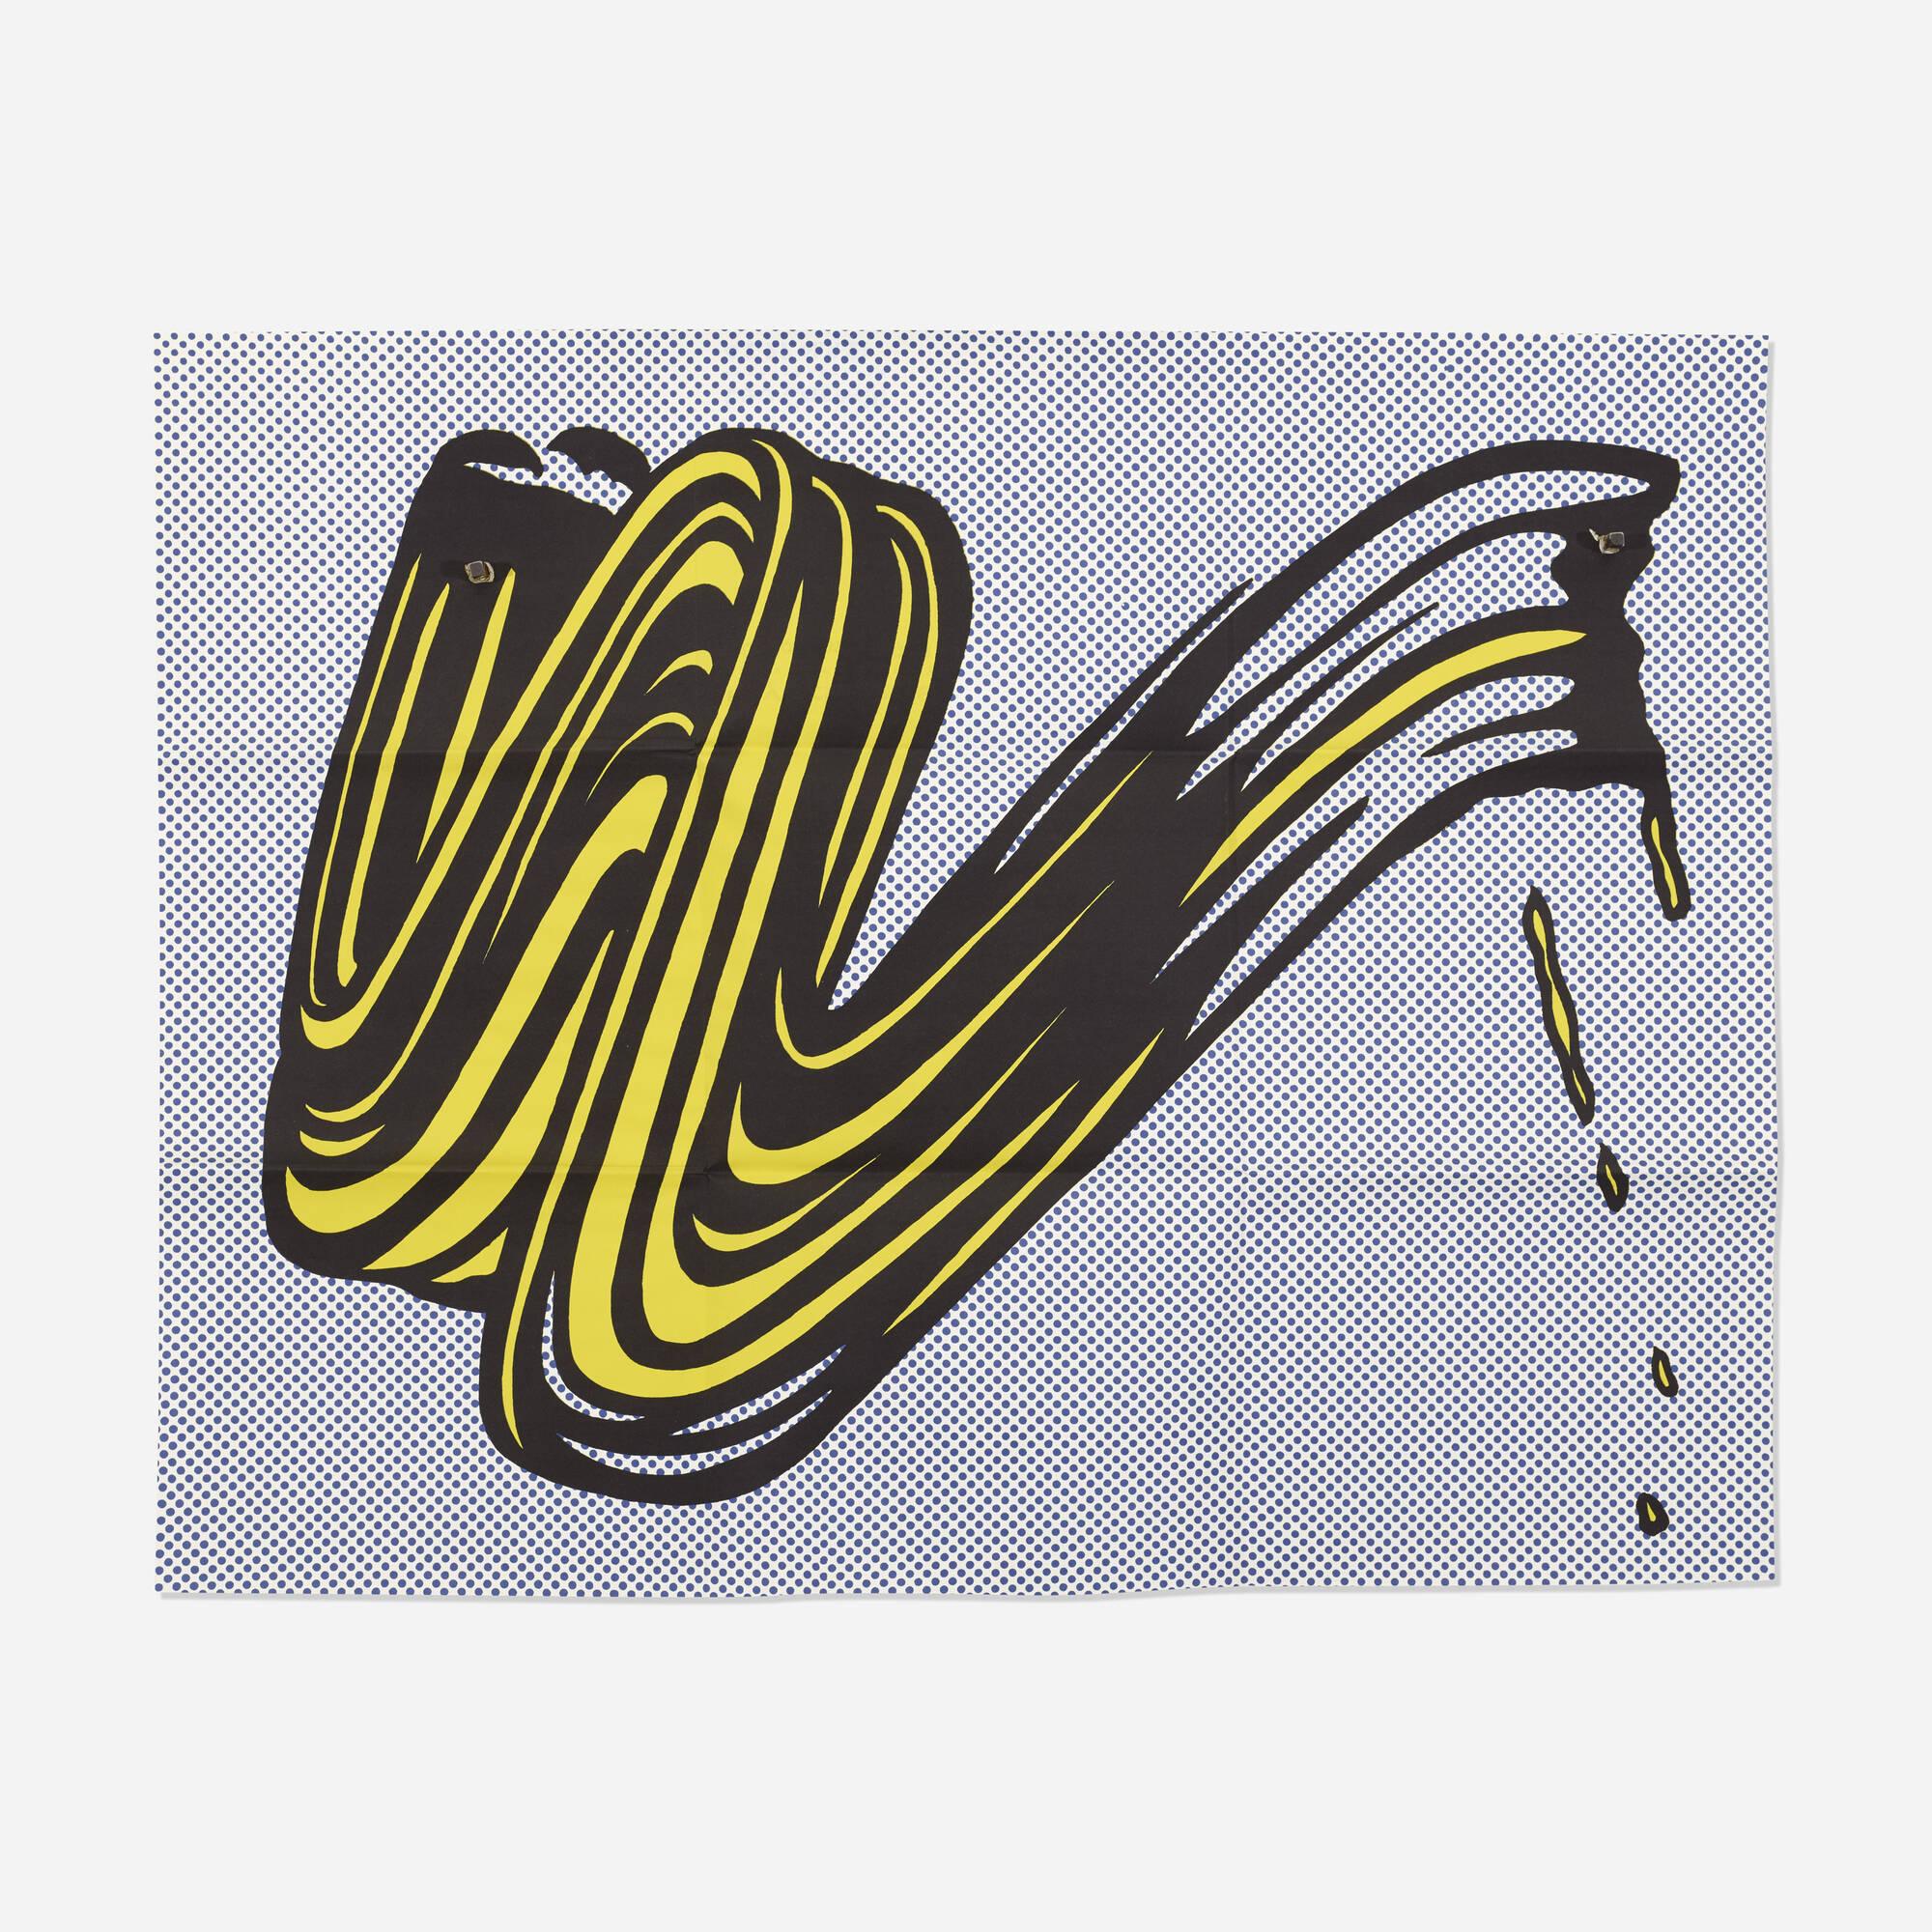 149: Roy Lichtenstein / Brushstroke (Castelli mailer) (1 of 1)